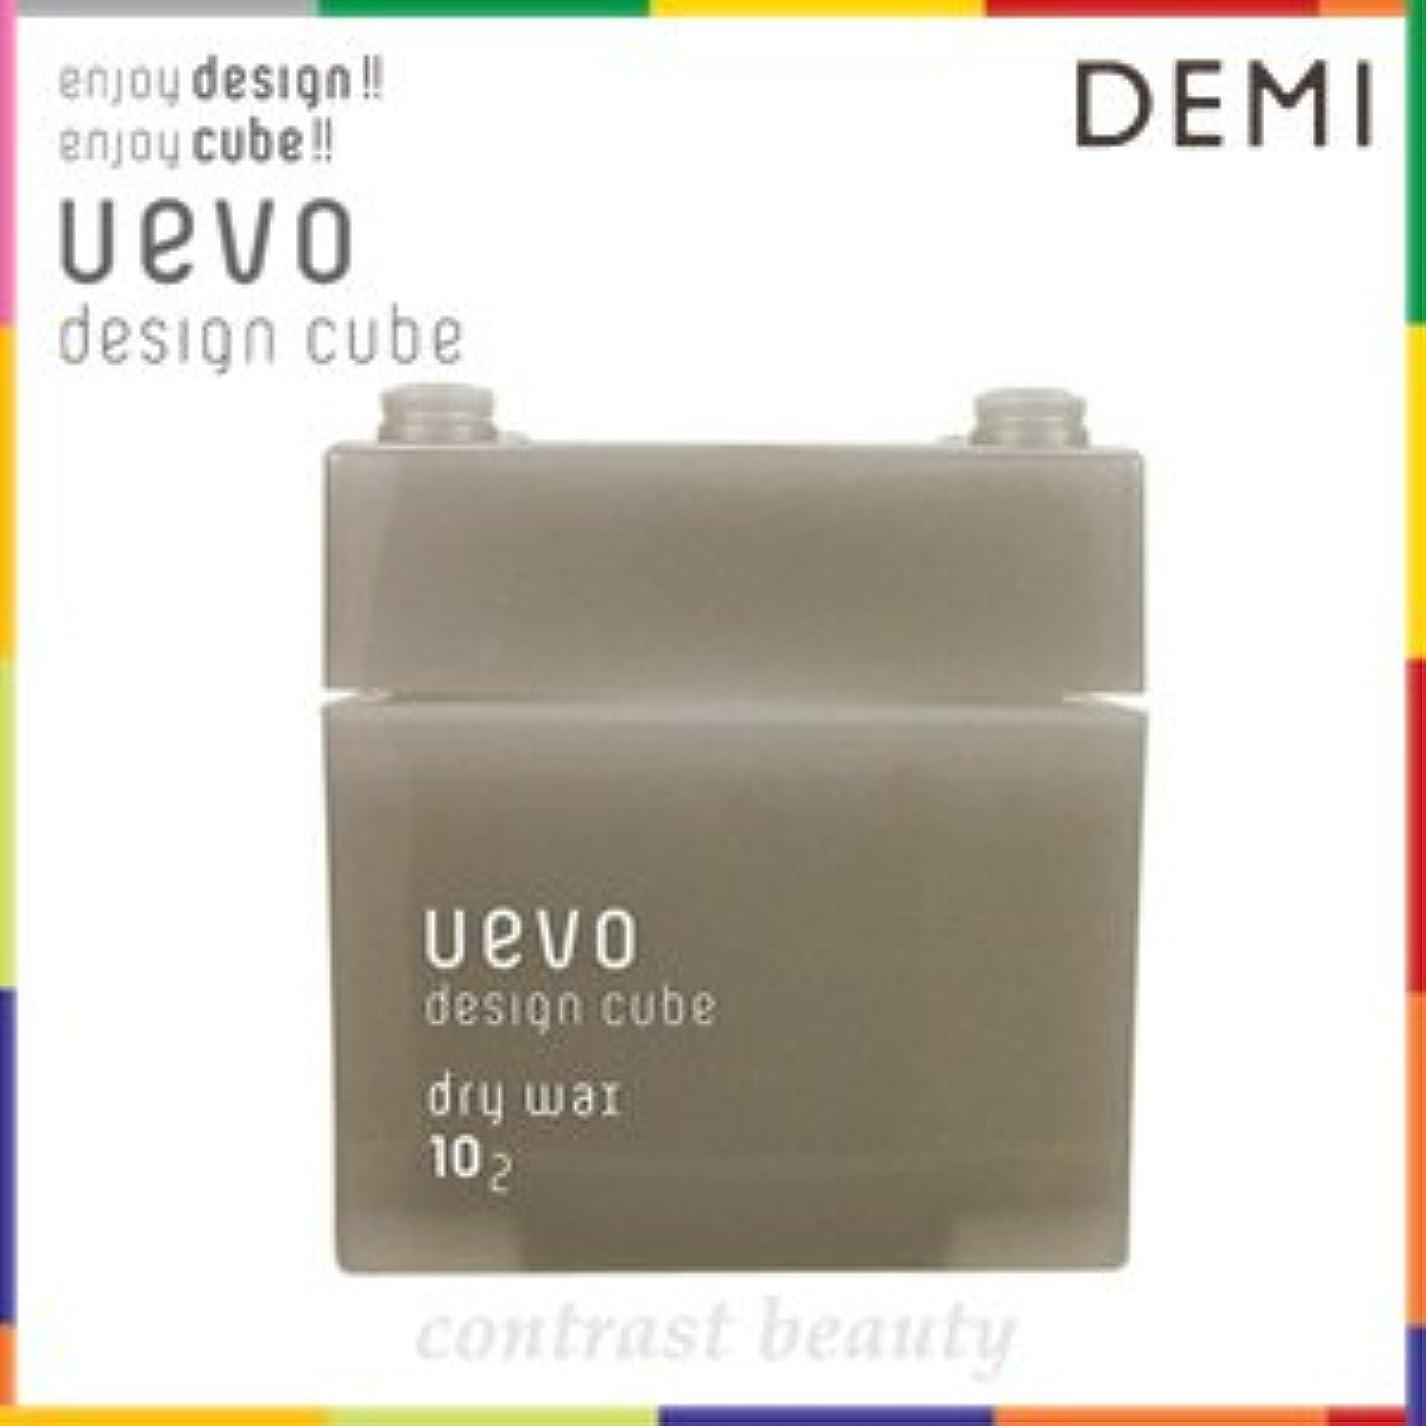 中断手足受け入れた【X4個セット】 デミ ウェーボ デザインキューブ ドライワックス 80g dry wax DEMI uevo design cube